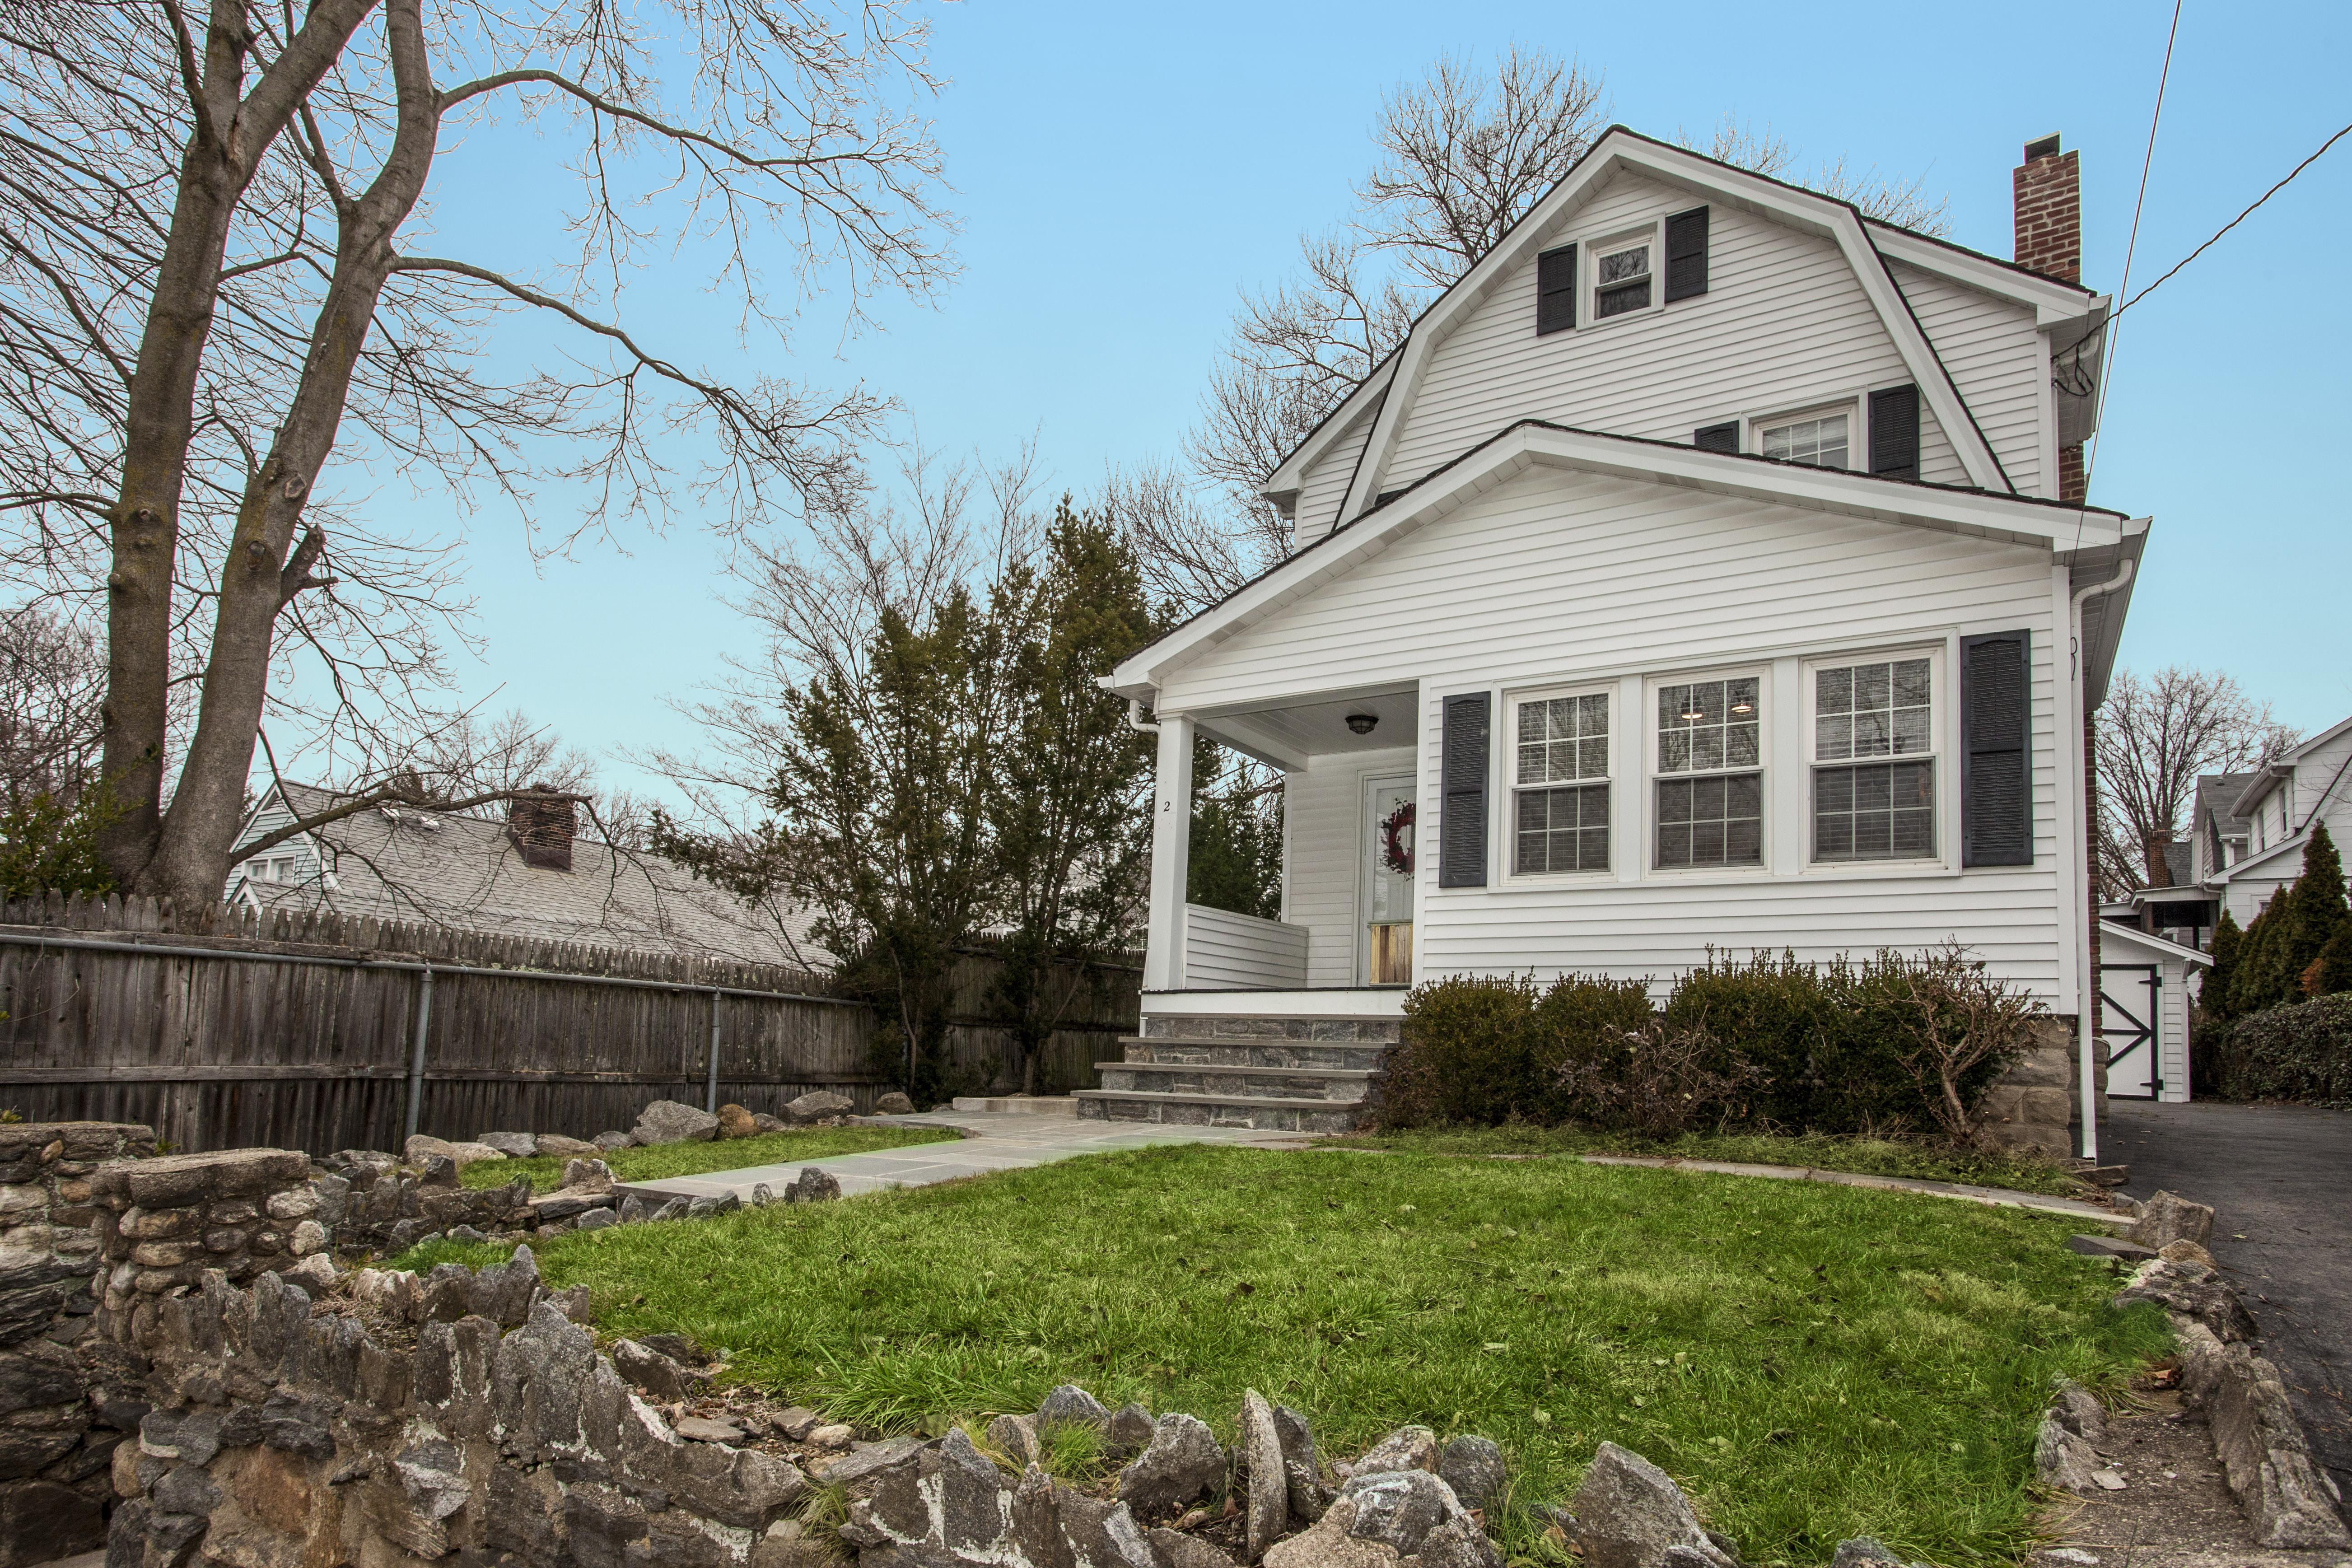 一戸建て のために 売買 アット Charming Colonial 2 York Avenue Rye, ニューヨーク, 10580 アメリカ合衆国